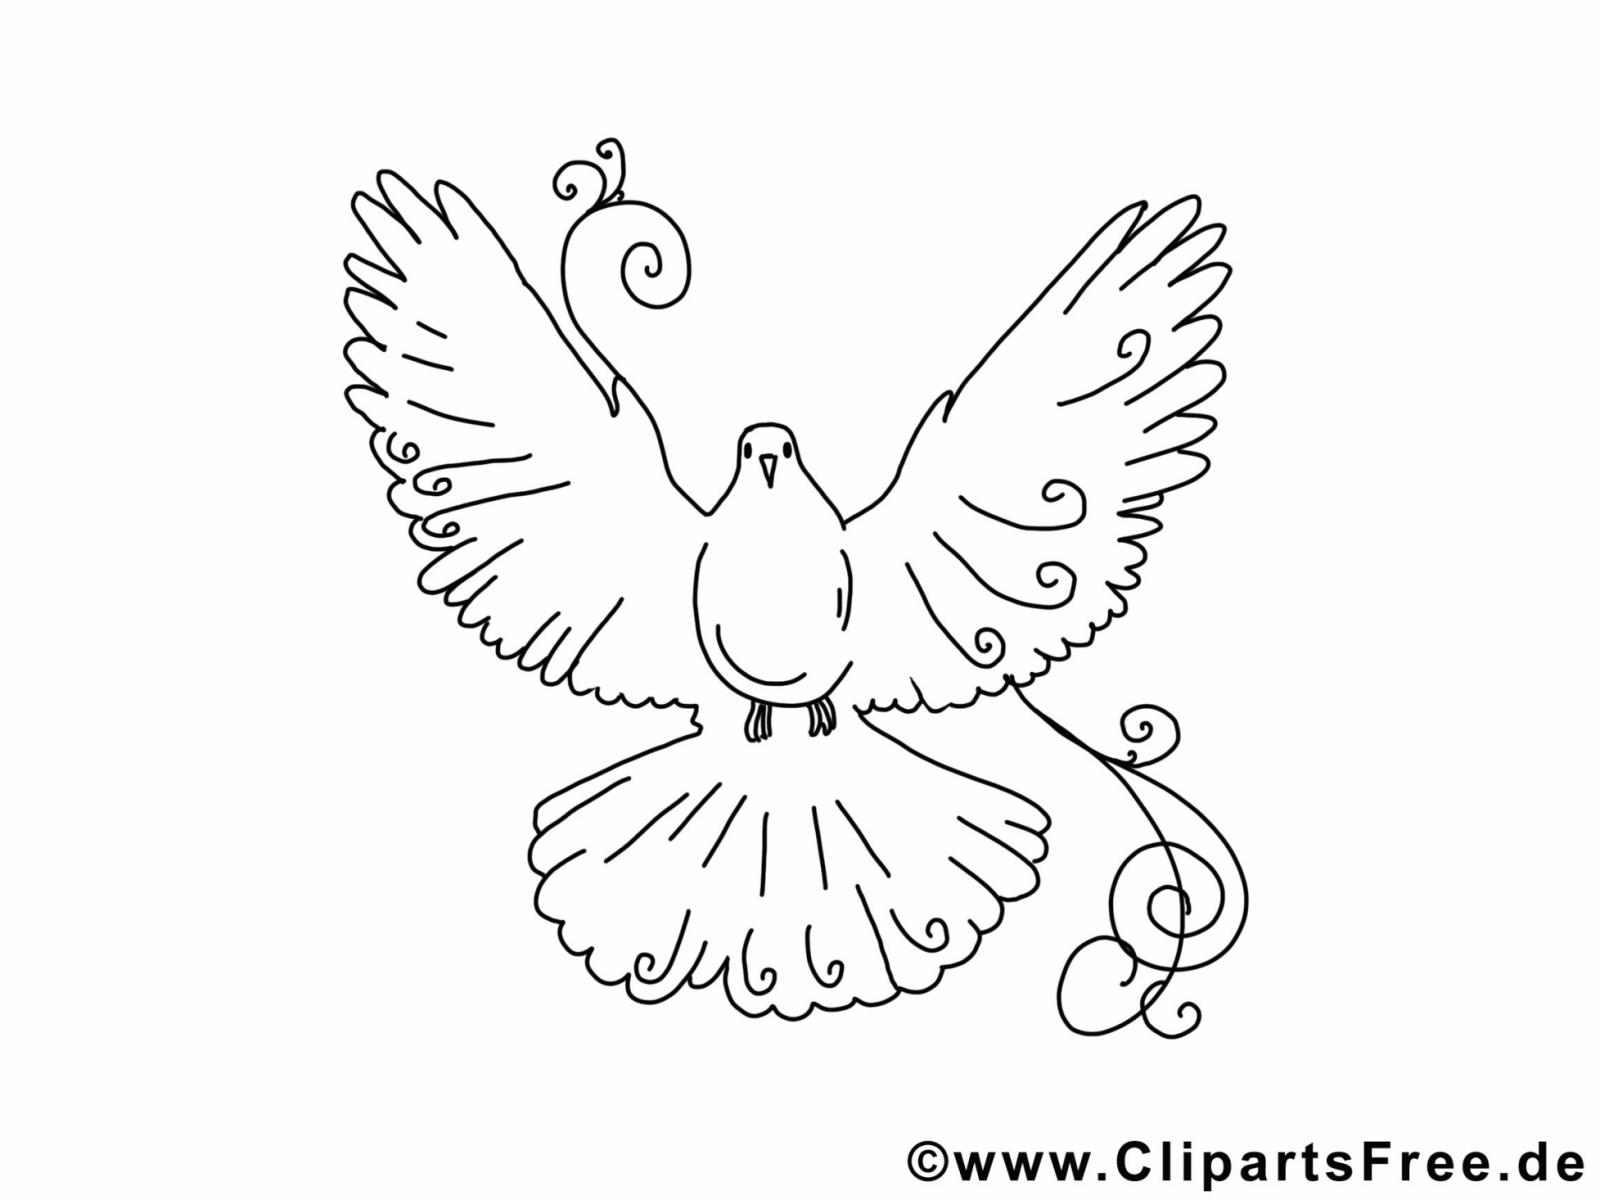 Selber Malen Vorlagen Vogel Taube Avec Bilder Zum Et 20150510 von Bilder Selber Malen Vorlagen Bild